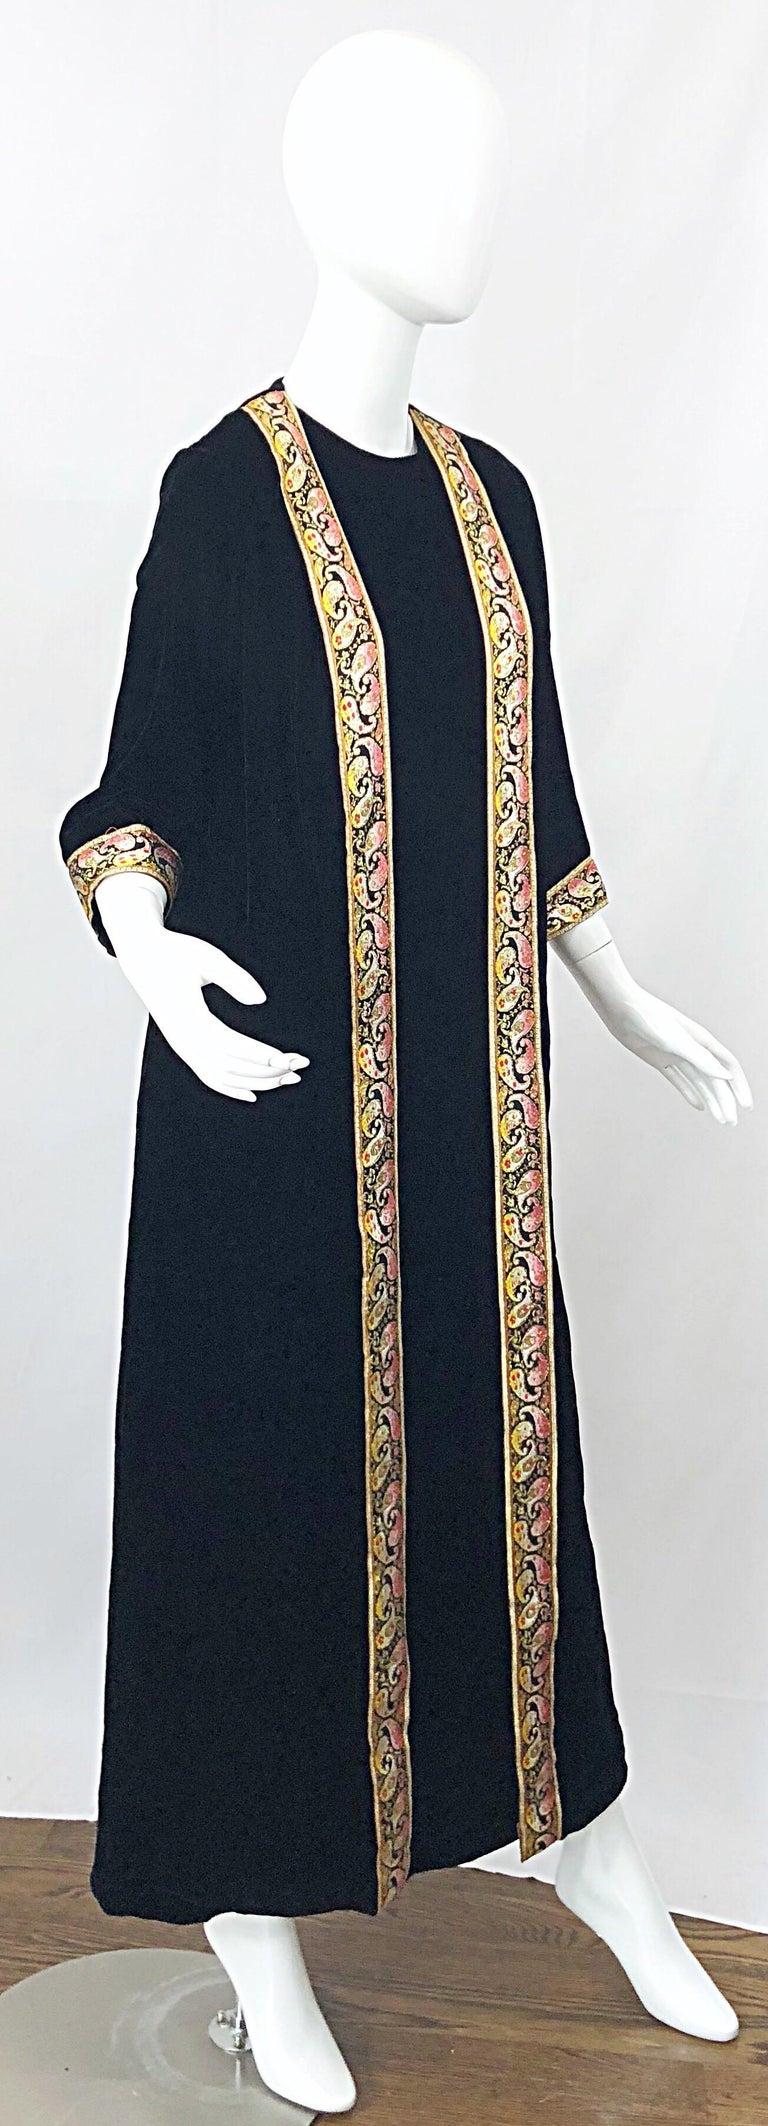 1960s Bonwit Teller Black Velvet Paisley Vintage 60s Moroccan Caftan Maxi Dress For Sale 1